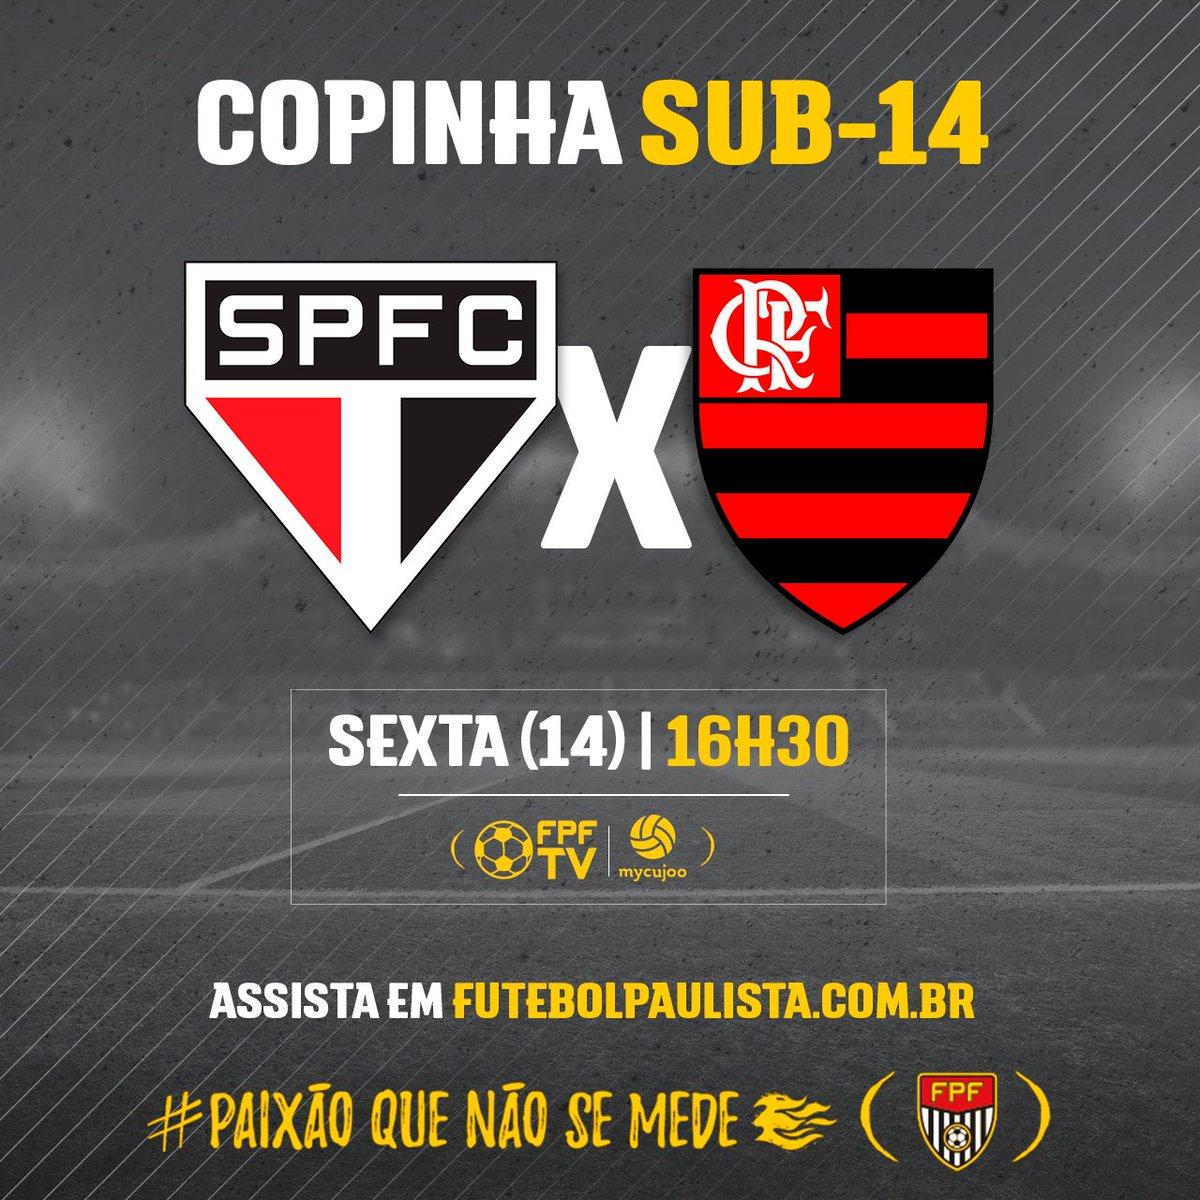 AO VIVO! Assista ao confronto entre São Paulo e Flamengo, válido pela Copinha Sub-14! Link do jogo👉 https://t.co/ZChCjRqJEc #FPF #EsseÉoMeuJogo #FutebolPaulista #PaixãoQueNãoSeMede